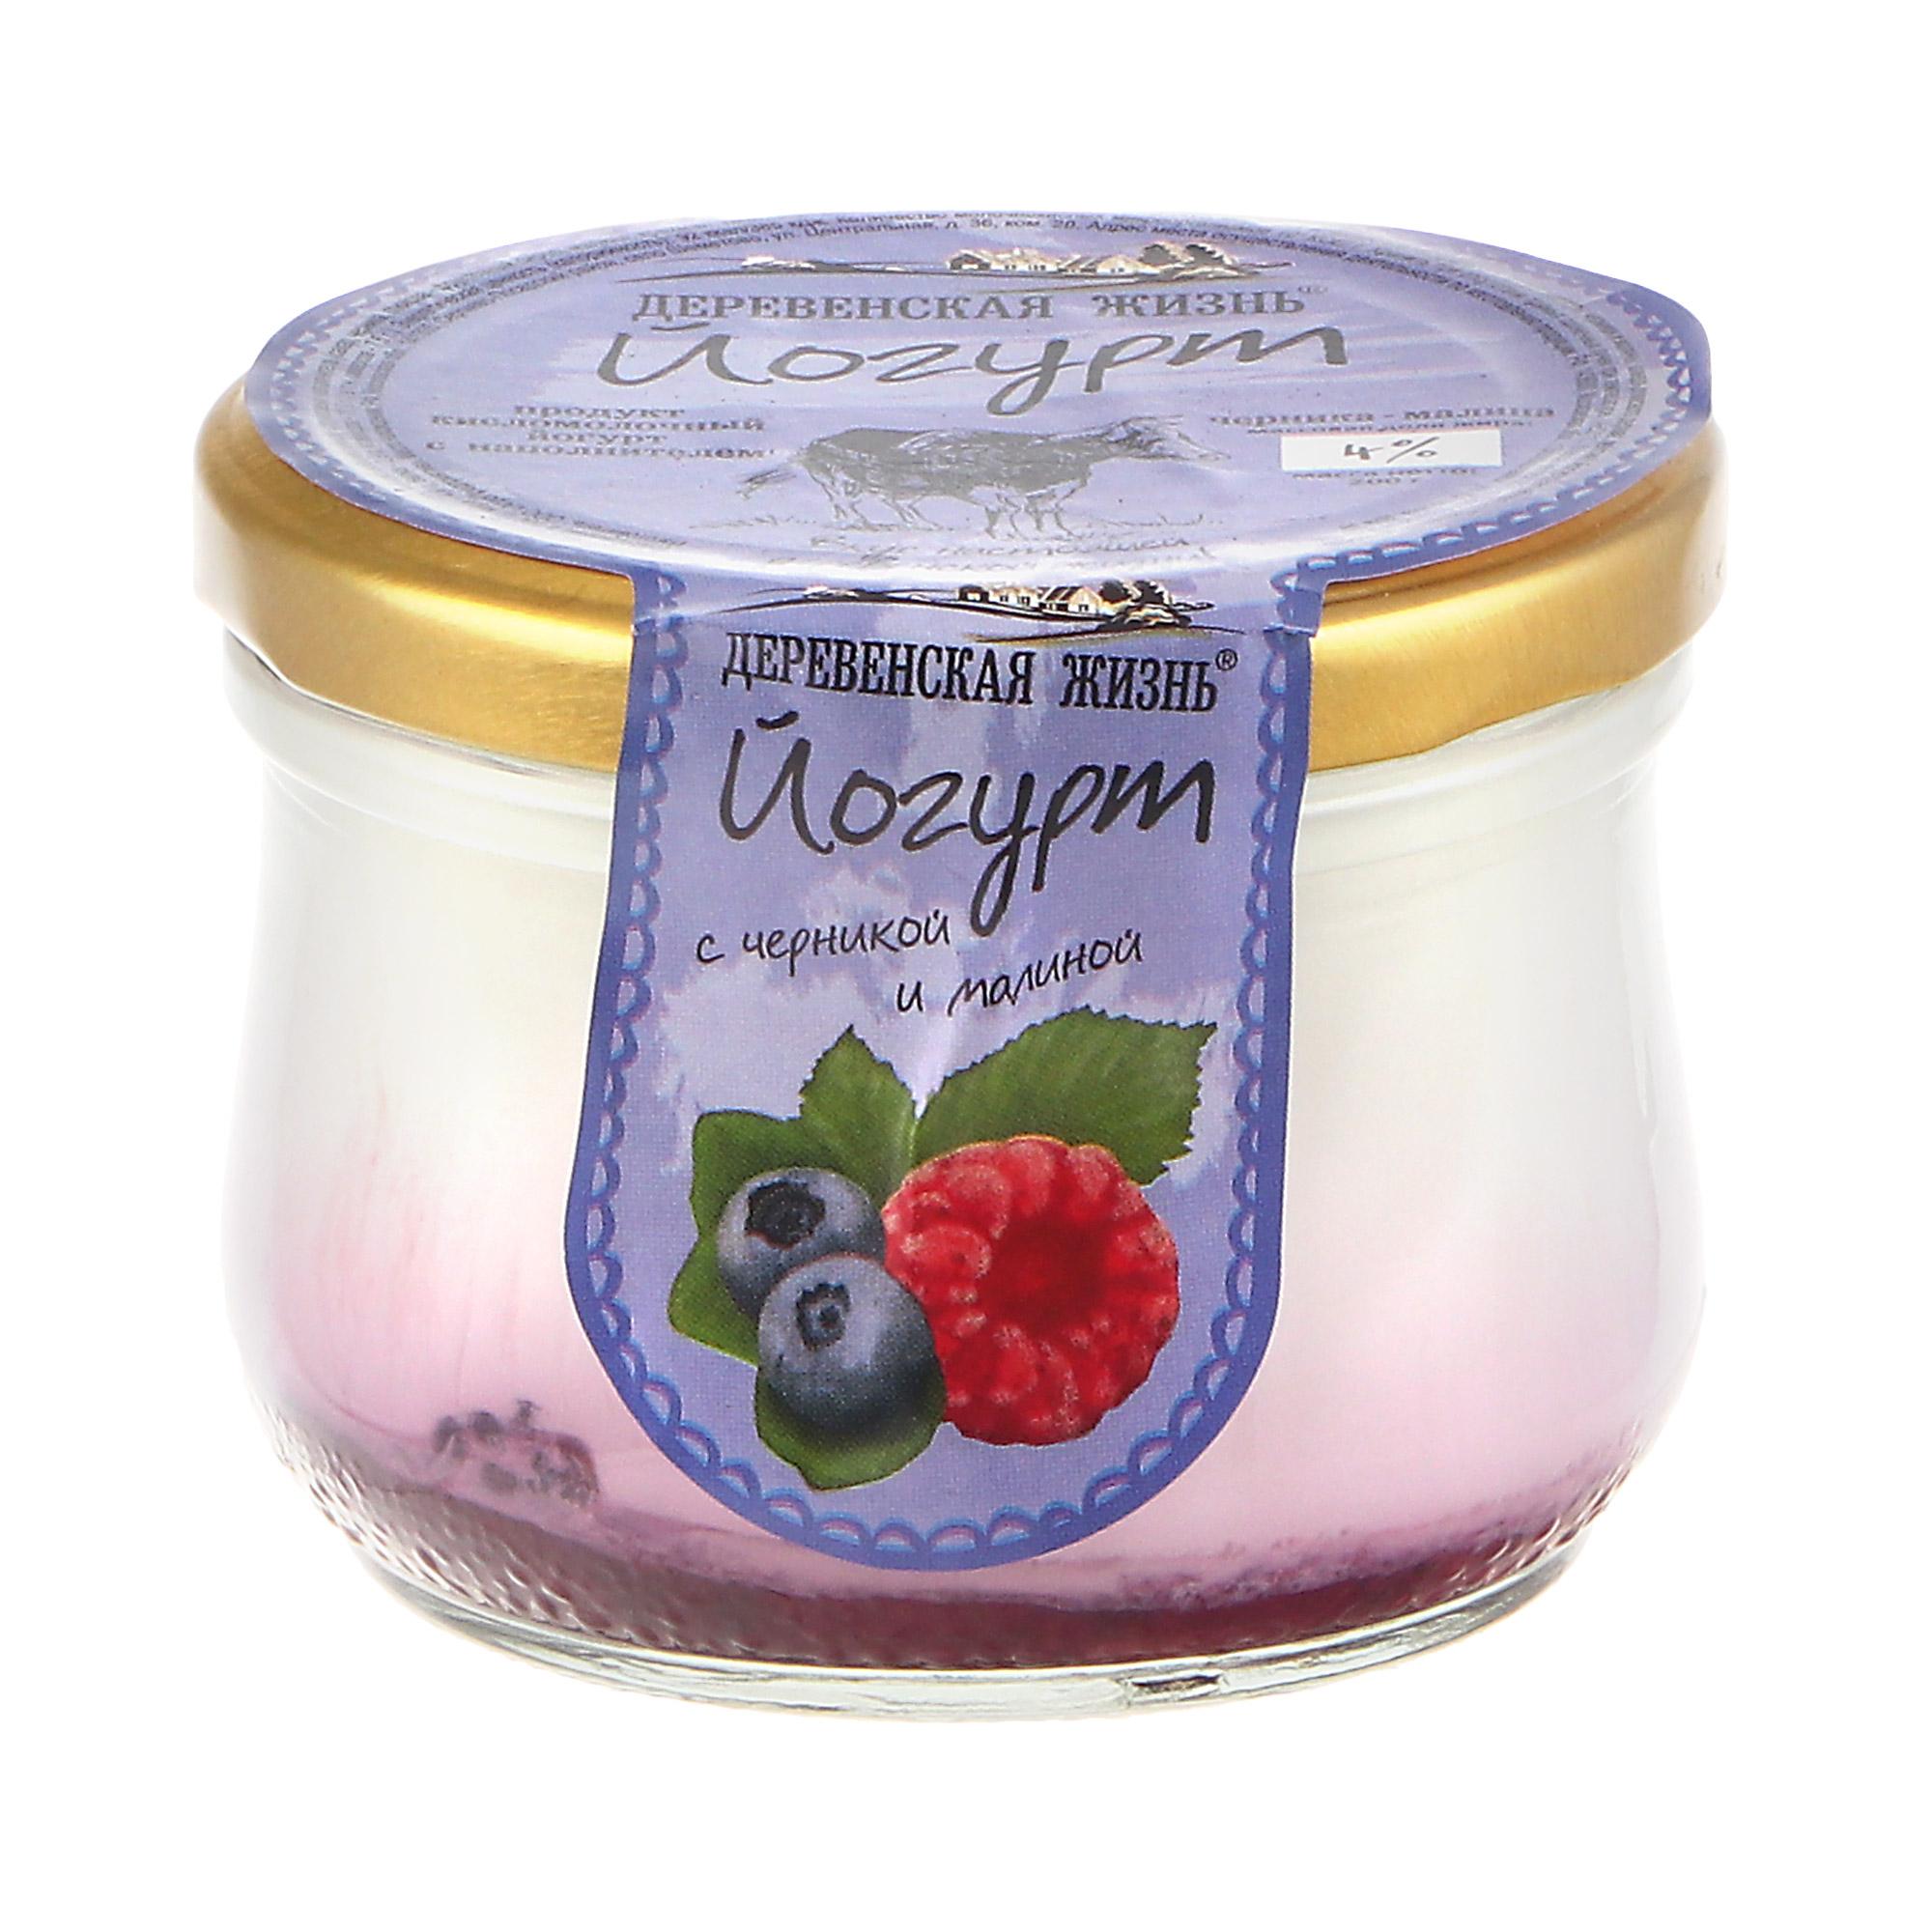 Йогурт термостатный Деревенская жизнь черника-клубника 4% 200 г недорого